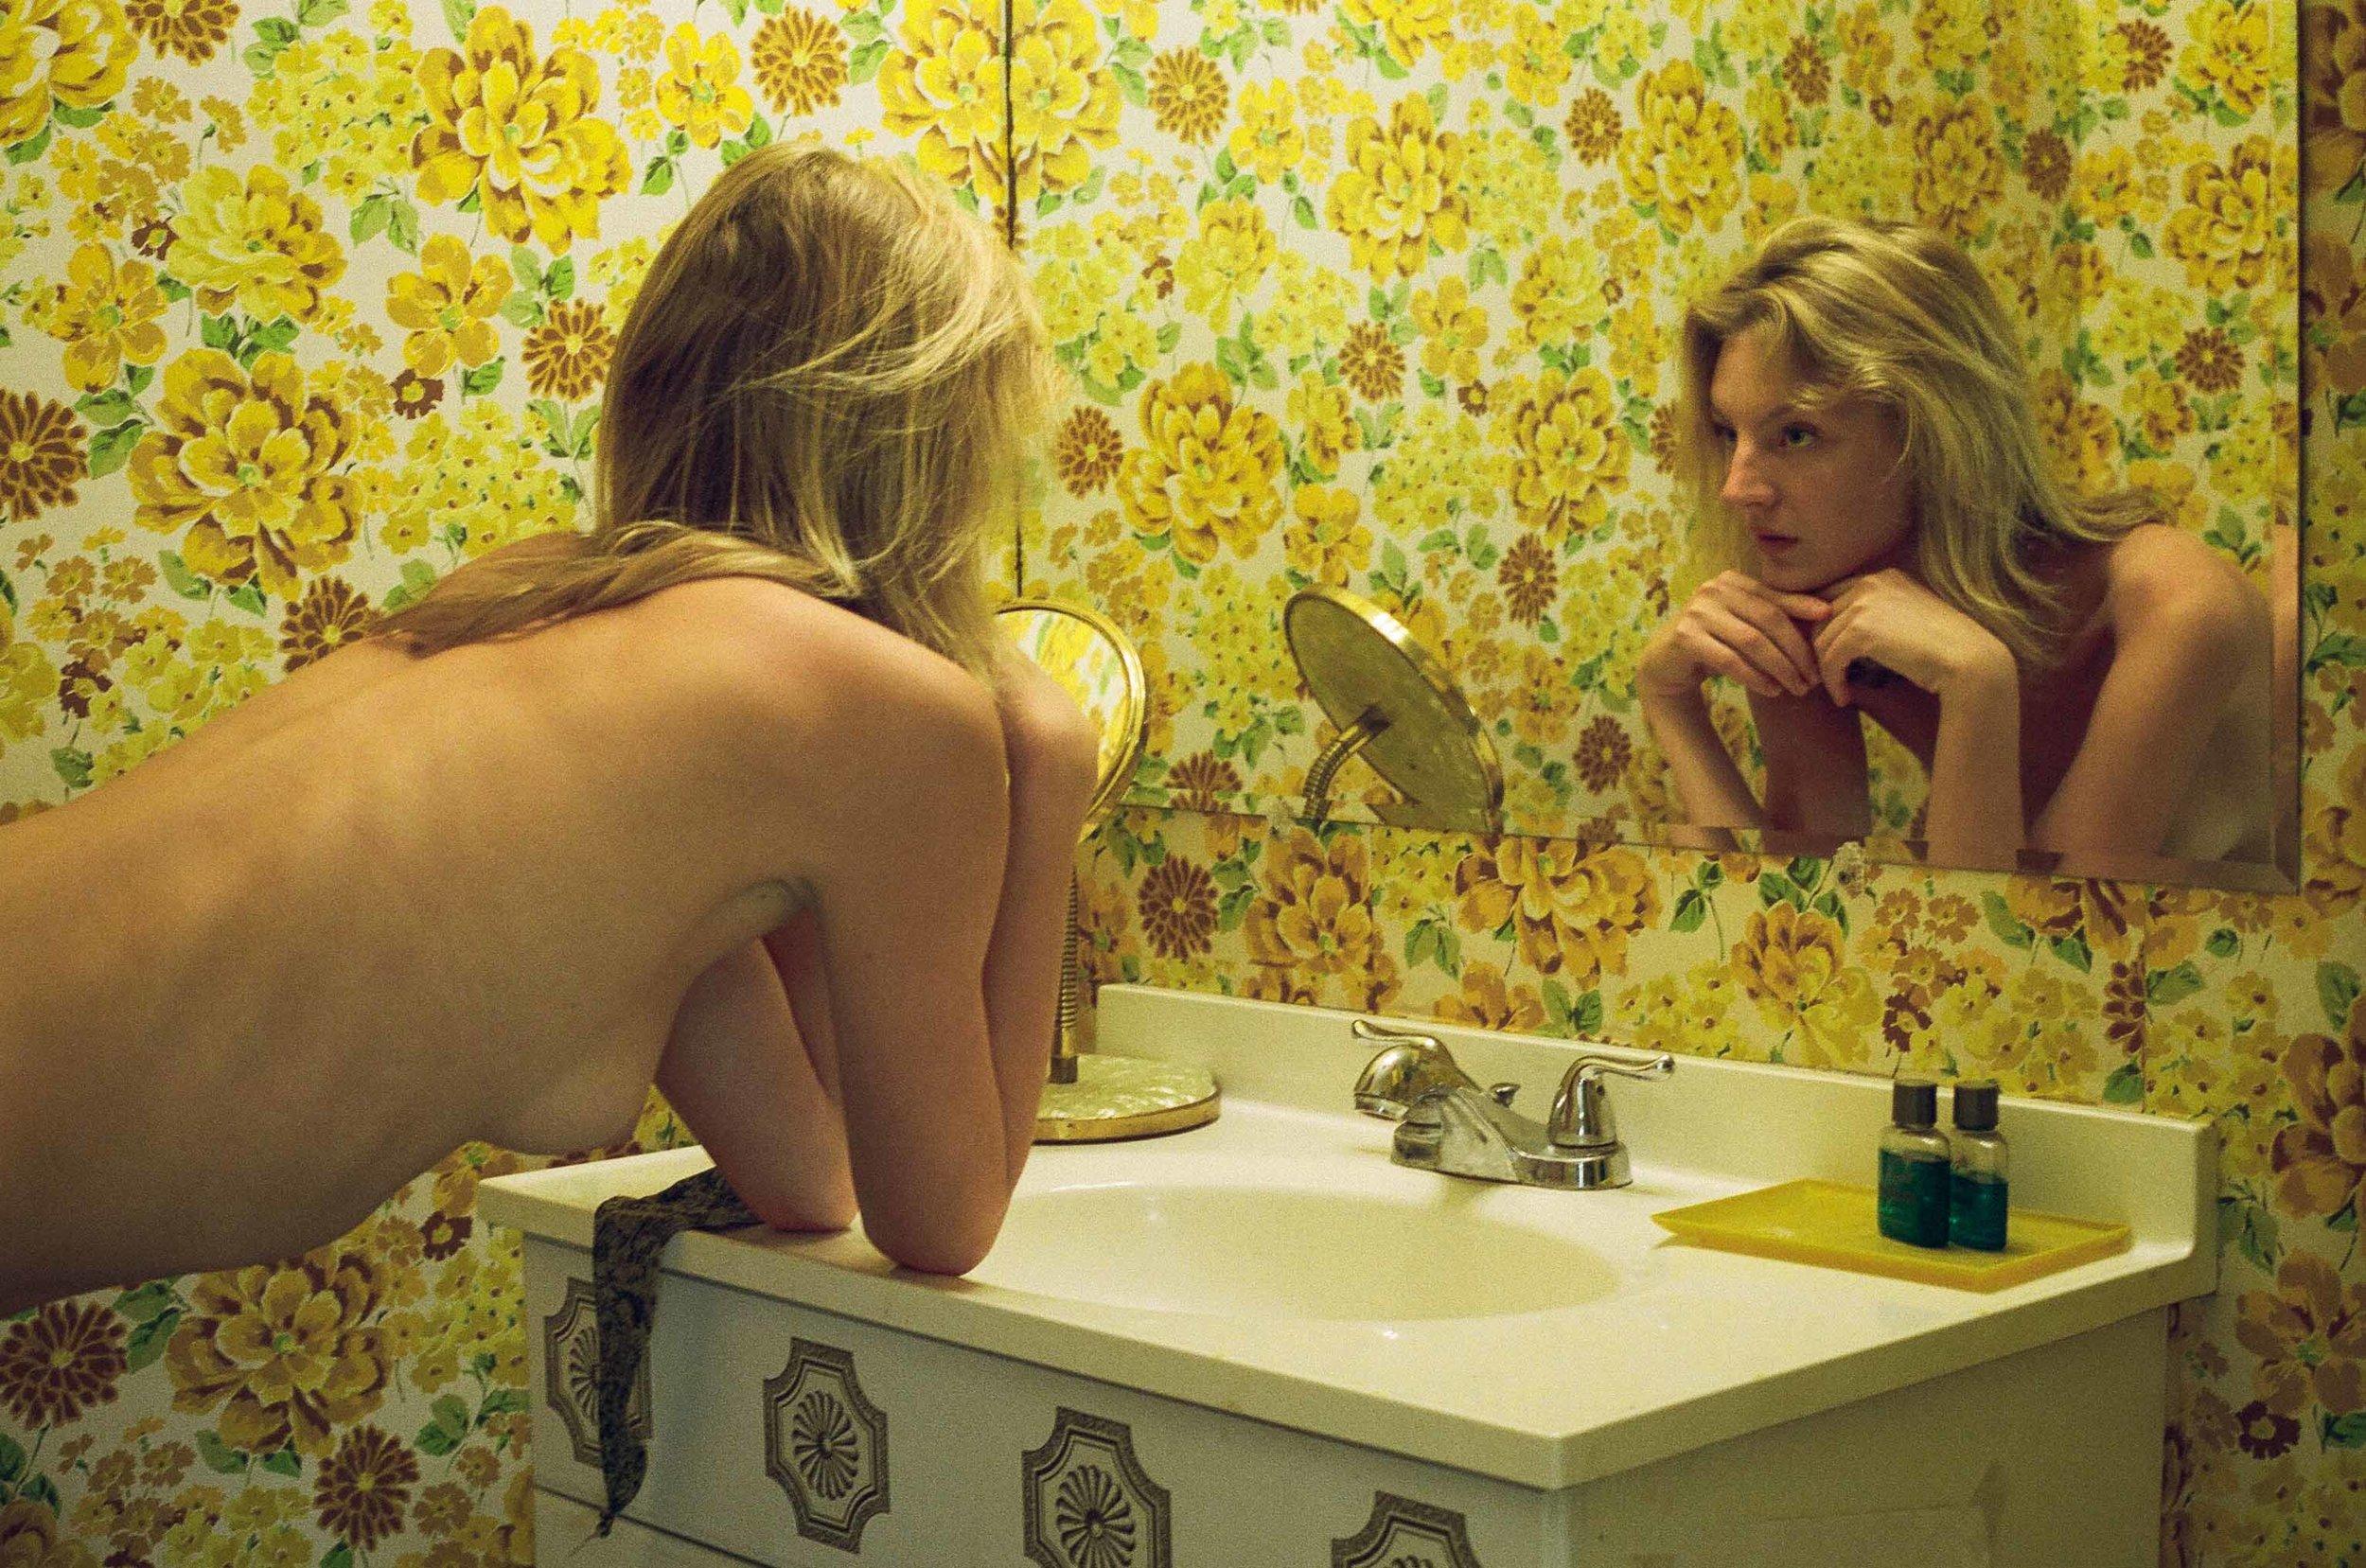 Jenny Connolly & Kenzie Kersen by Danny Lane